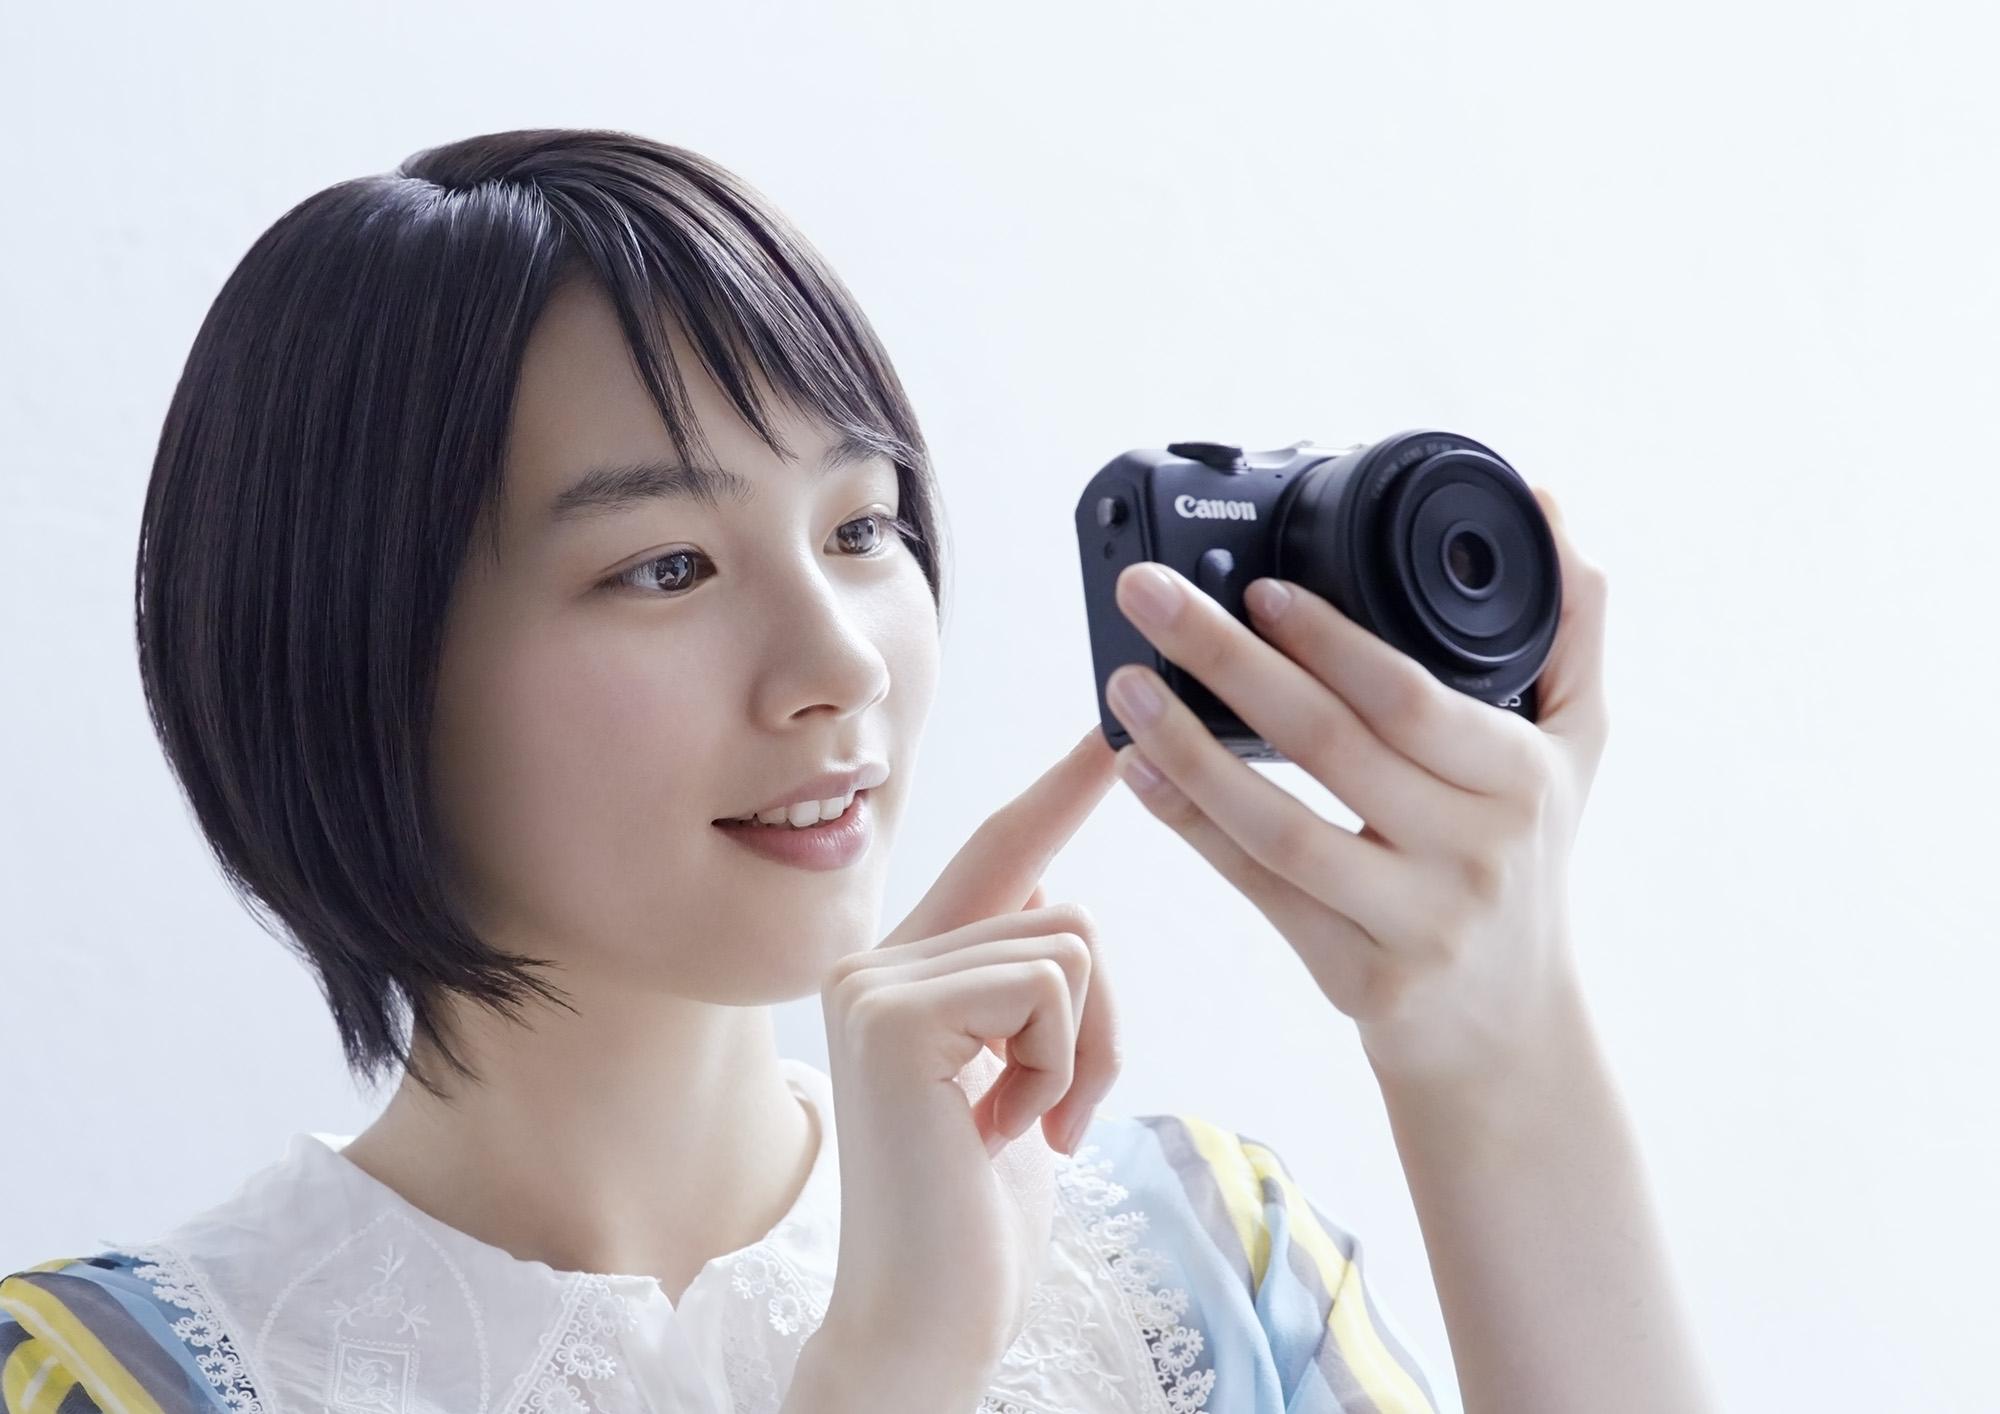 Canon_M2_能年_02_2000px_72dpi.jpg